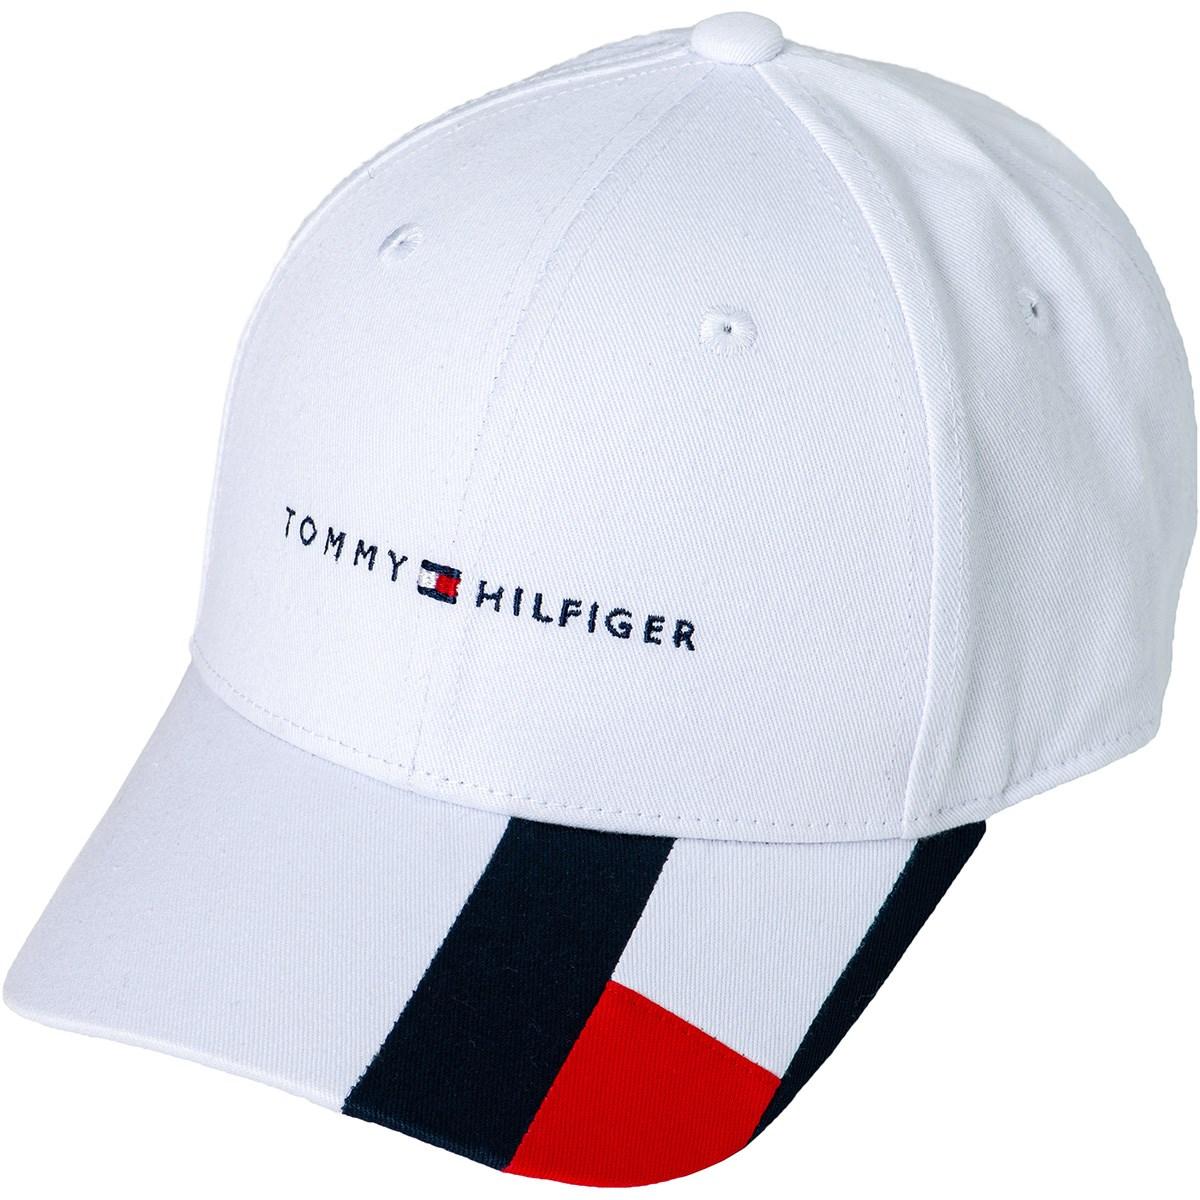 トミー ヒルフィガー ゴルフ TOMMY HILFIGER GOLF BRIM FLAG キャップ フリー ホワイト 00